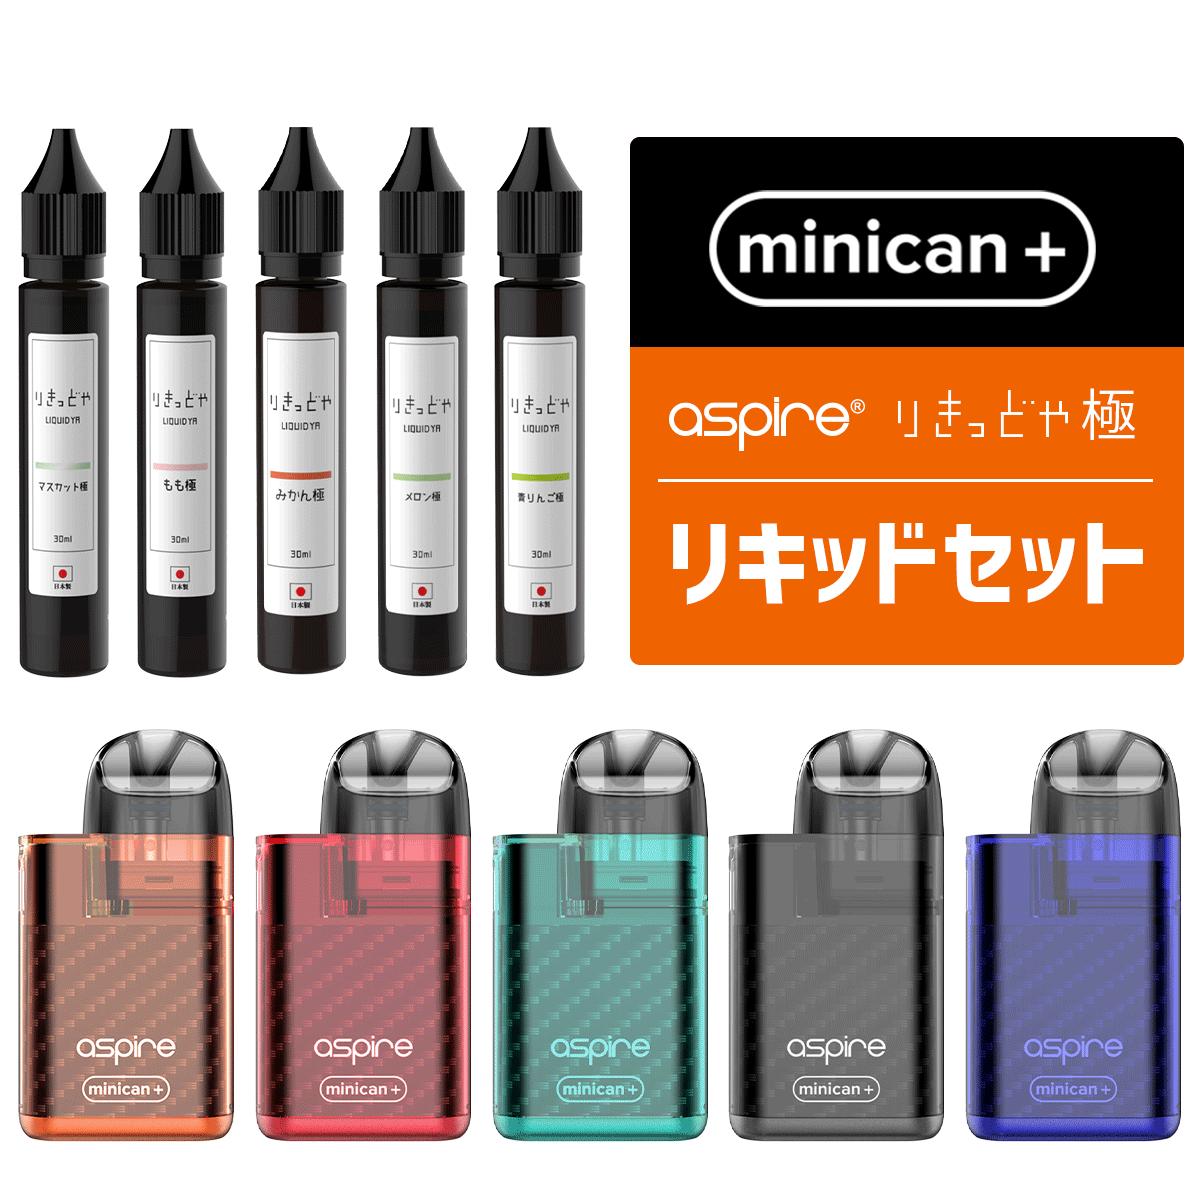 adgprod - 【Aspire】minican+(ミニカンプラス)をレビュー!~前作のminicanが大幅グレードアップ!~